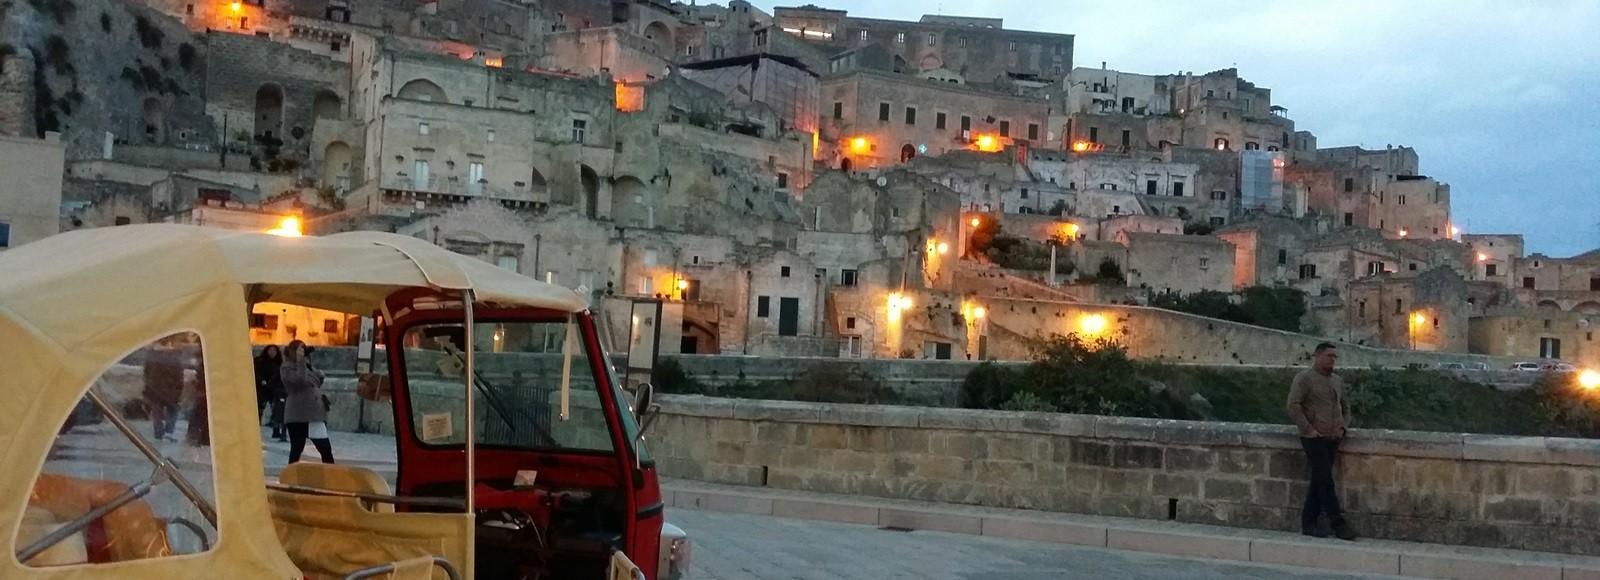 tour in Ape Piaggio